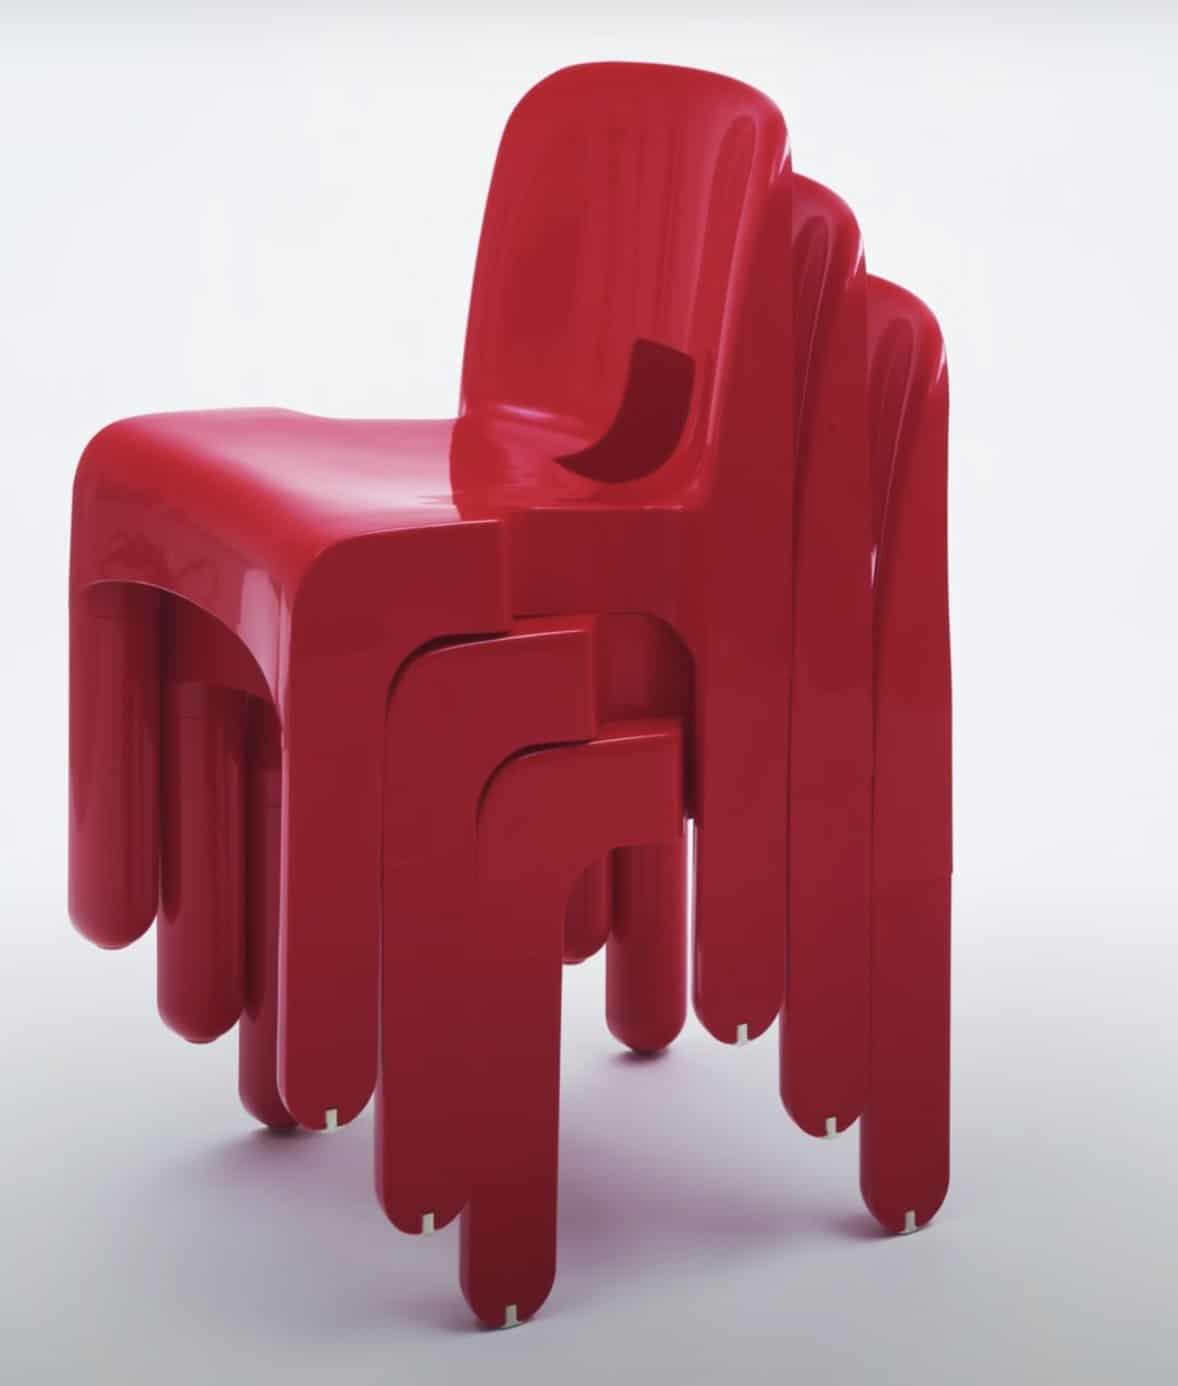 كرسي (يونيفرسال) من تصميم (جوي كولومبو).